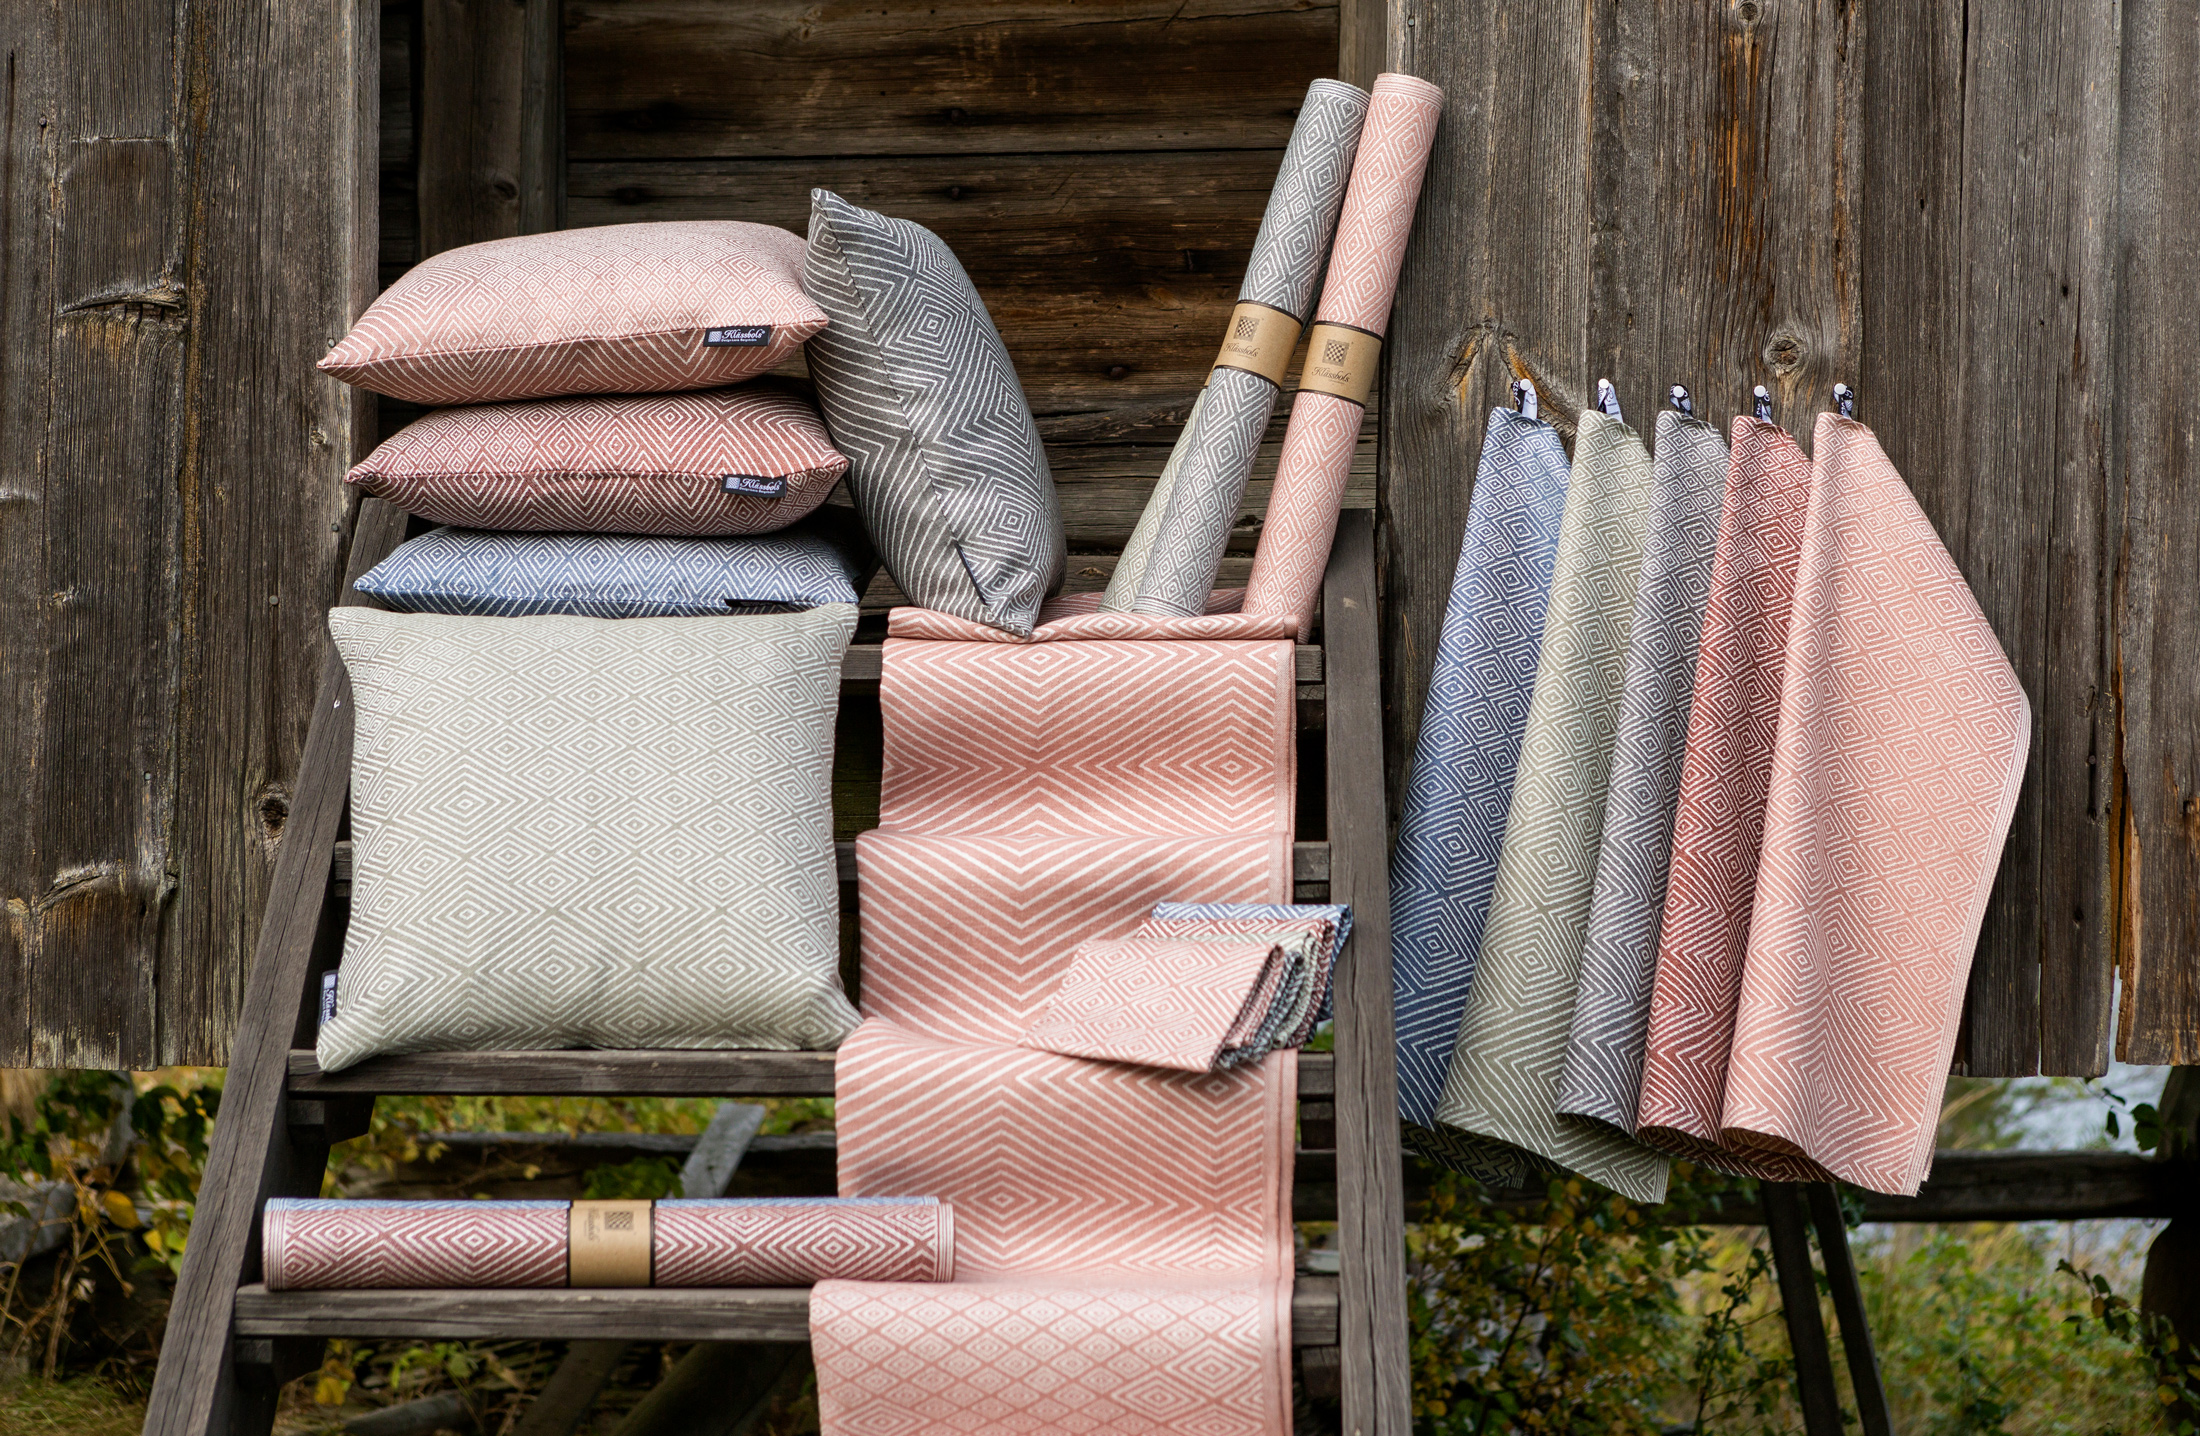 Gåsöga linprodukter duk löpare servetter kuddar handdukar nya färger Klässbols Linneväveri Margot Barolo Ulrika Mårtensson Stavnäs hembygdsgård